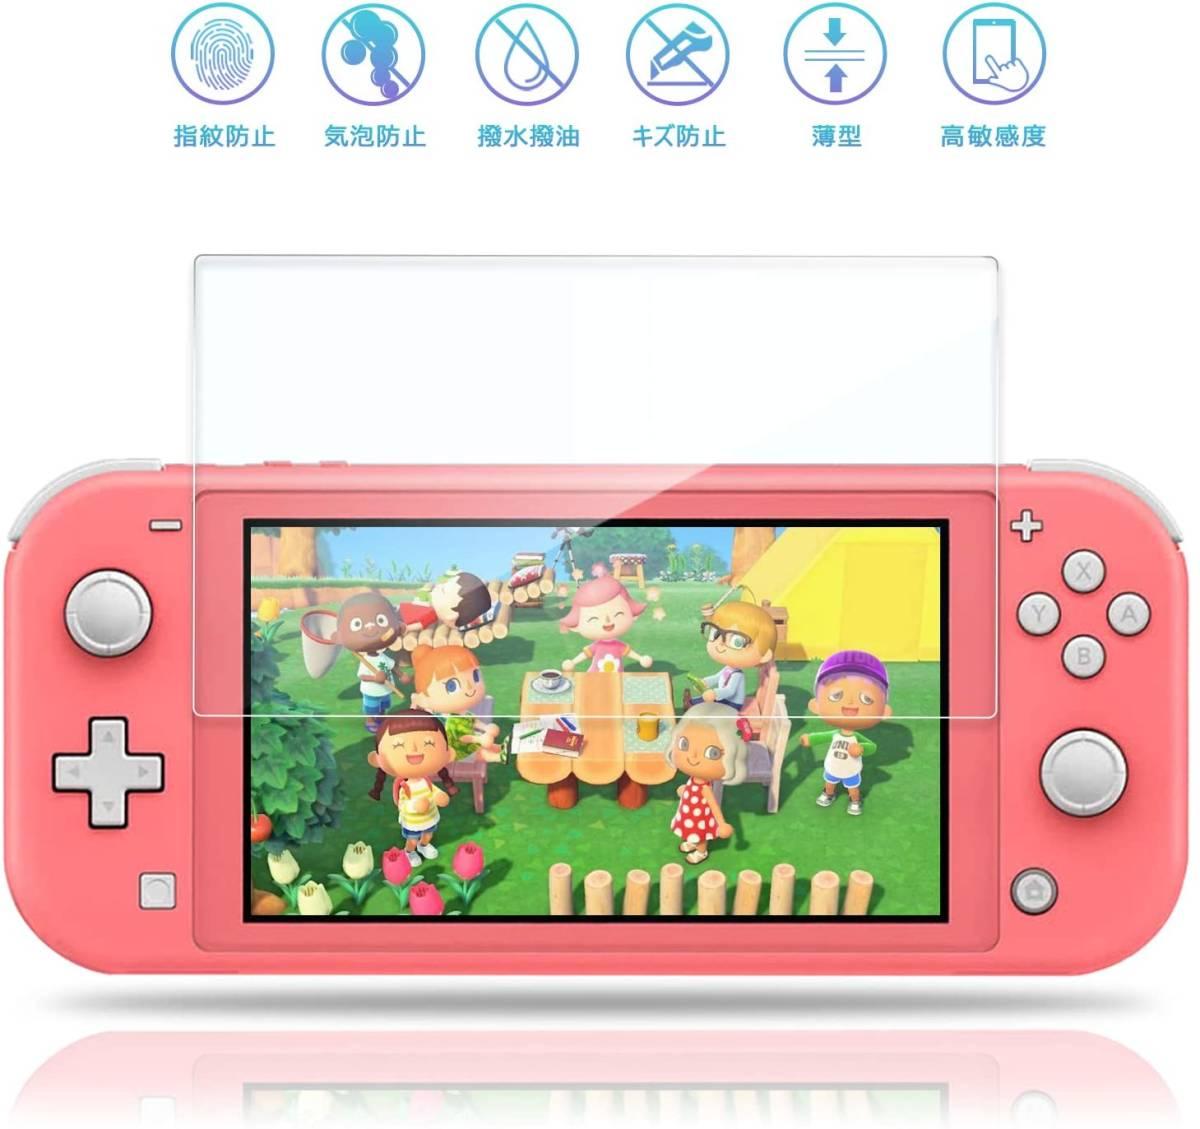 【2枚】Nintendo Switch Lite用 強化ガラス 液晶保護フィルム ニンテンドースイッチライト指紋防止 9H 0.3mm